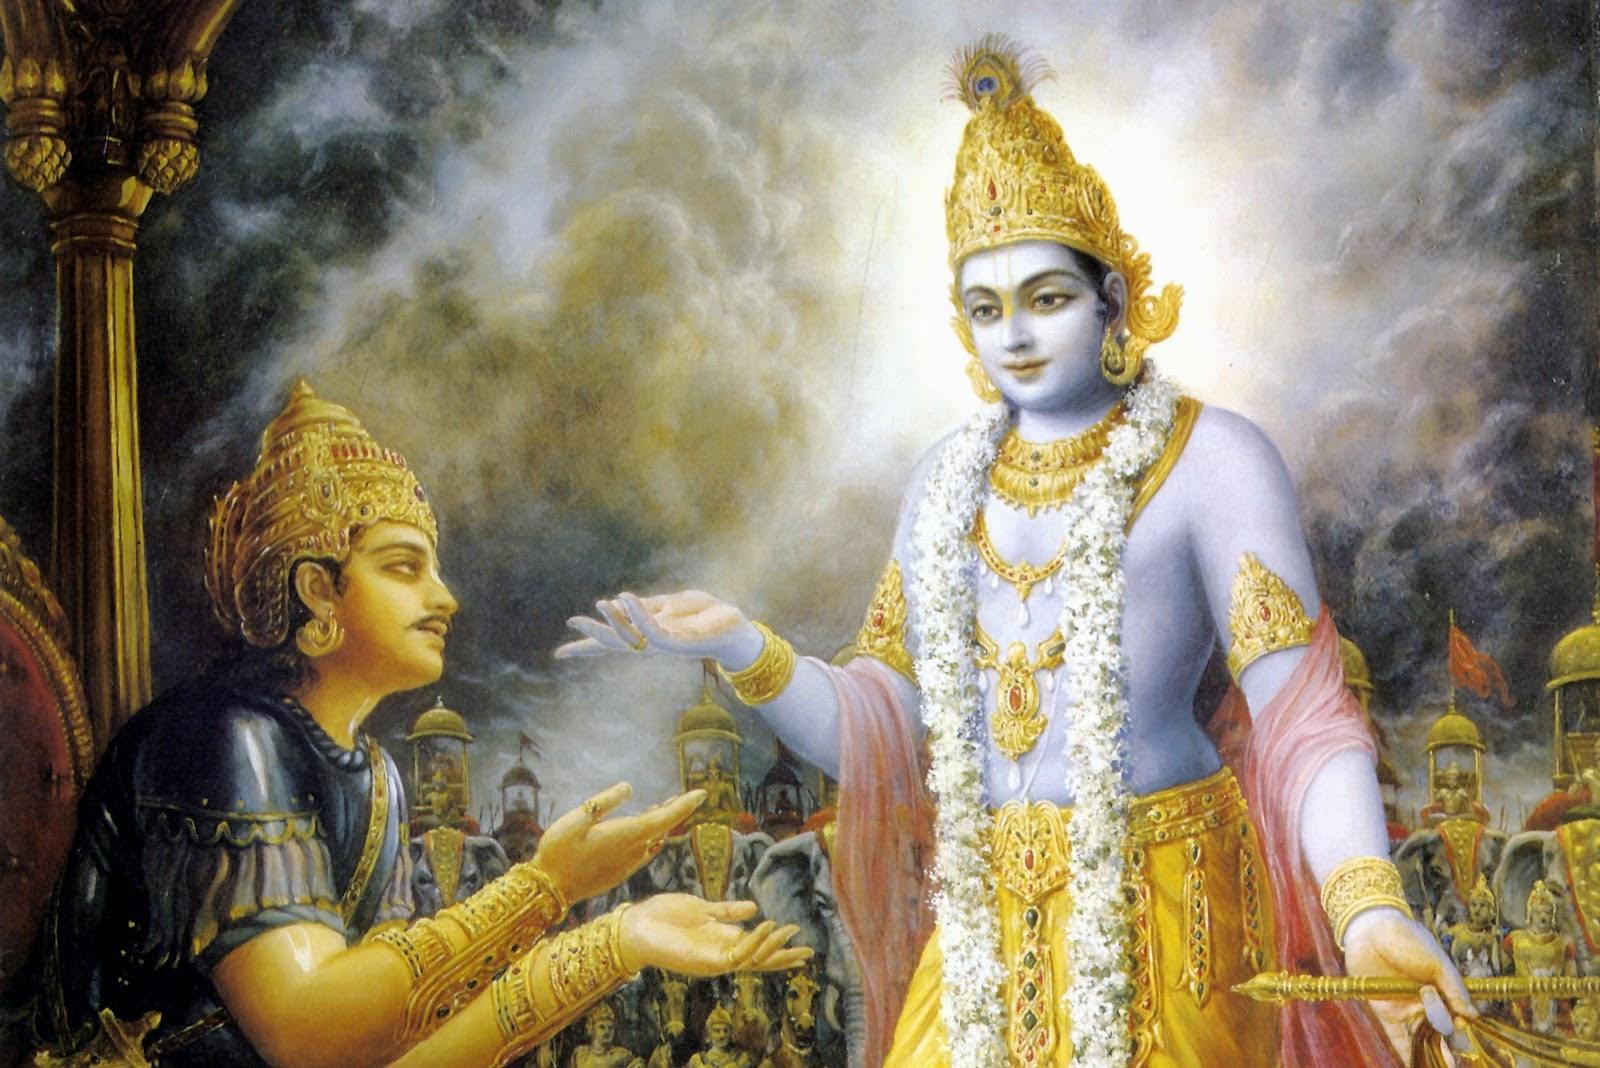 Shri Krishna Arjun yudh Hindi Story